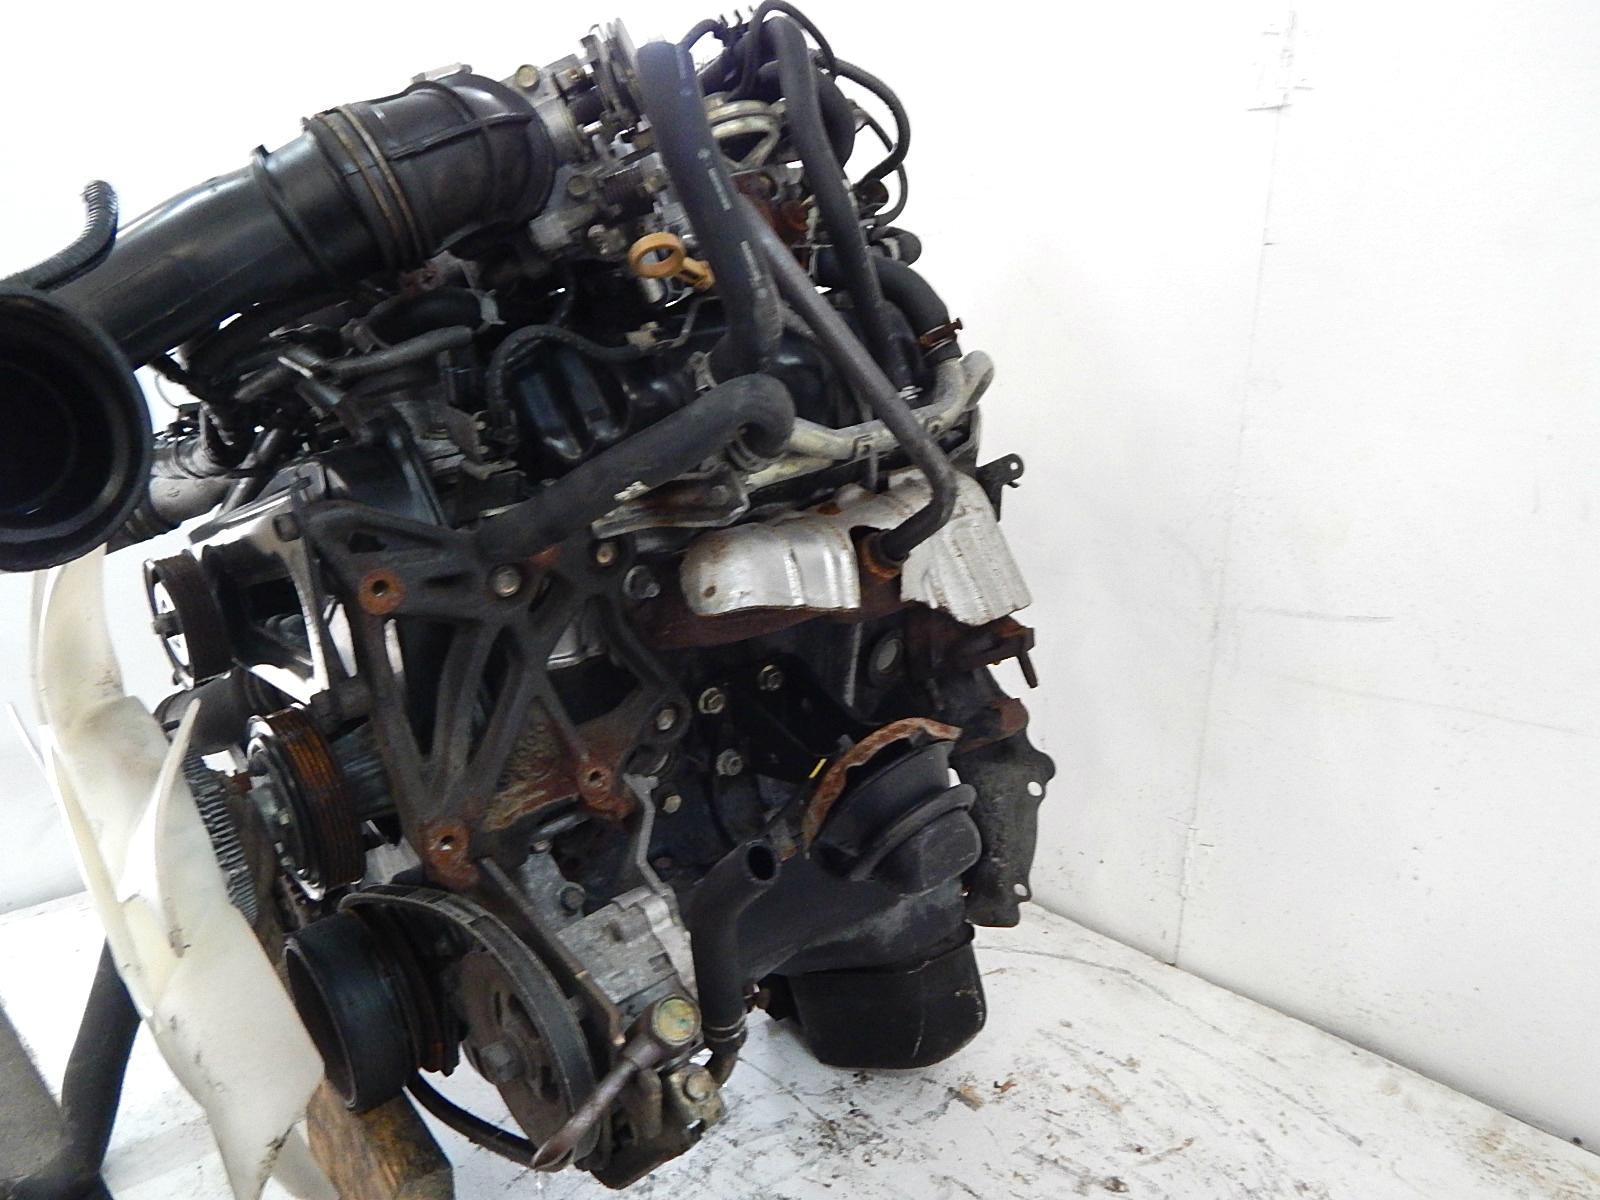 Toyota V6 Engine For Sale >> VG33DE PATHFINDER / XTERRA / FRONTIER VG33 ENGINE   JDM Of ...